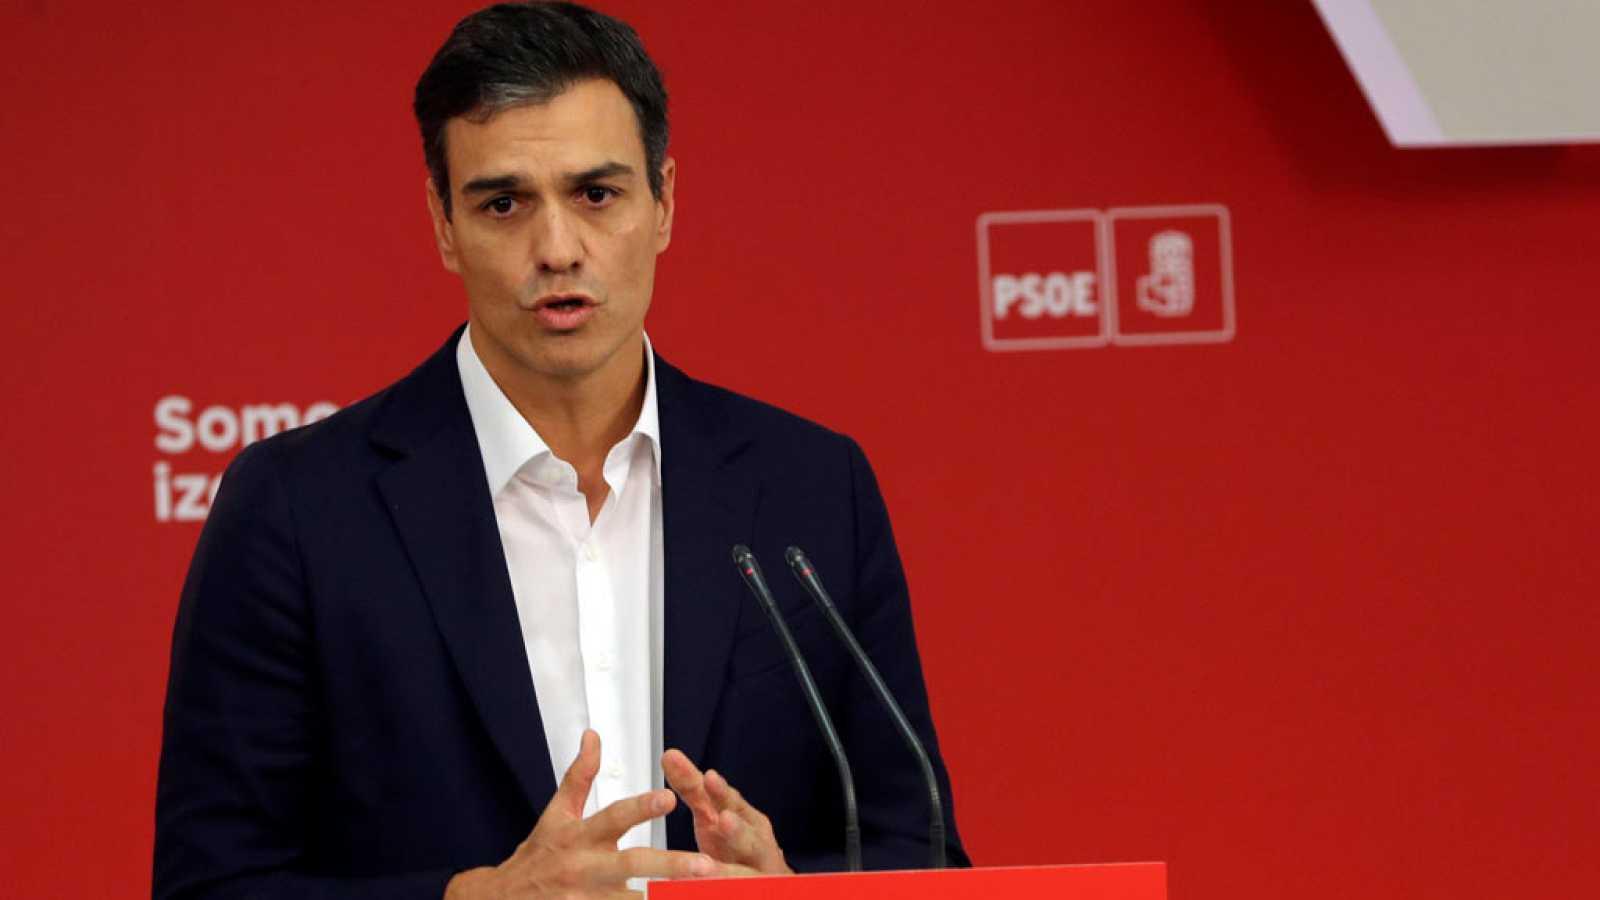 Sánchez y Rajoy acuerdan abrir la reforma constitucional en seis meses